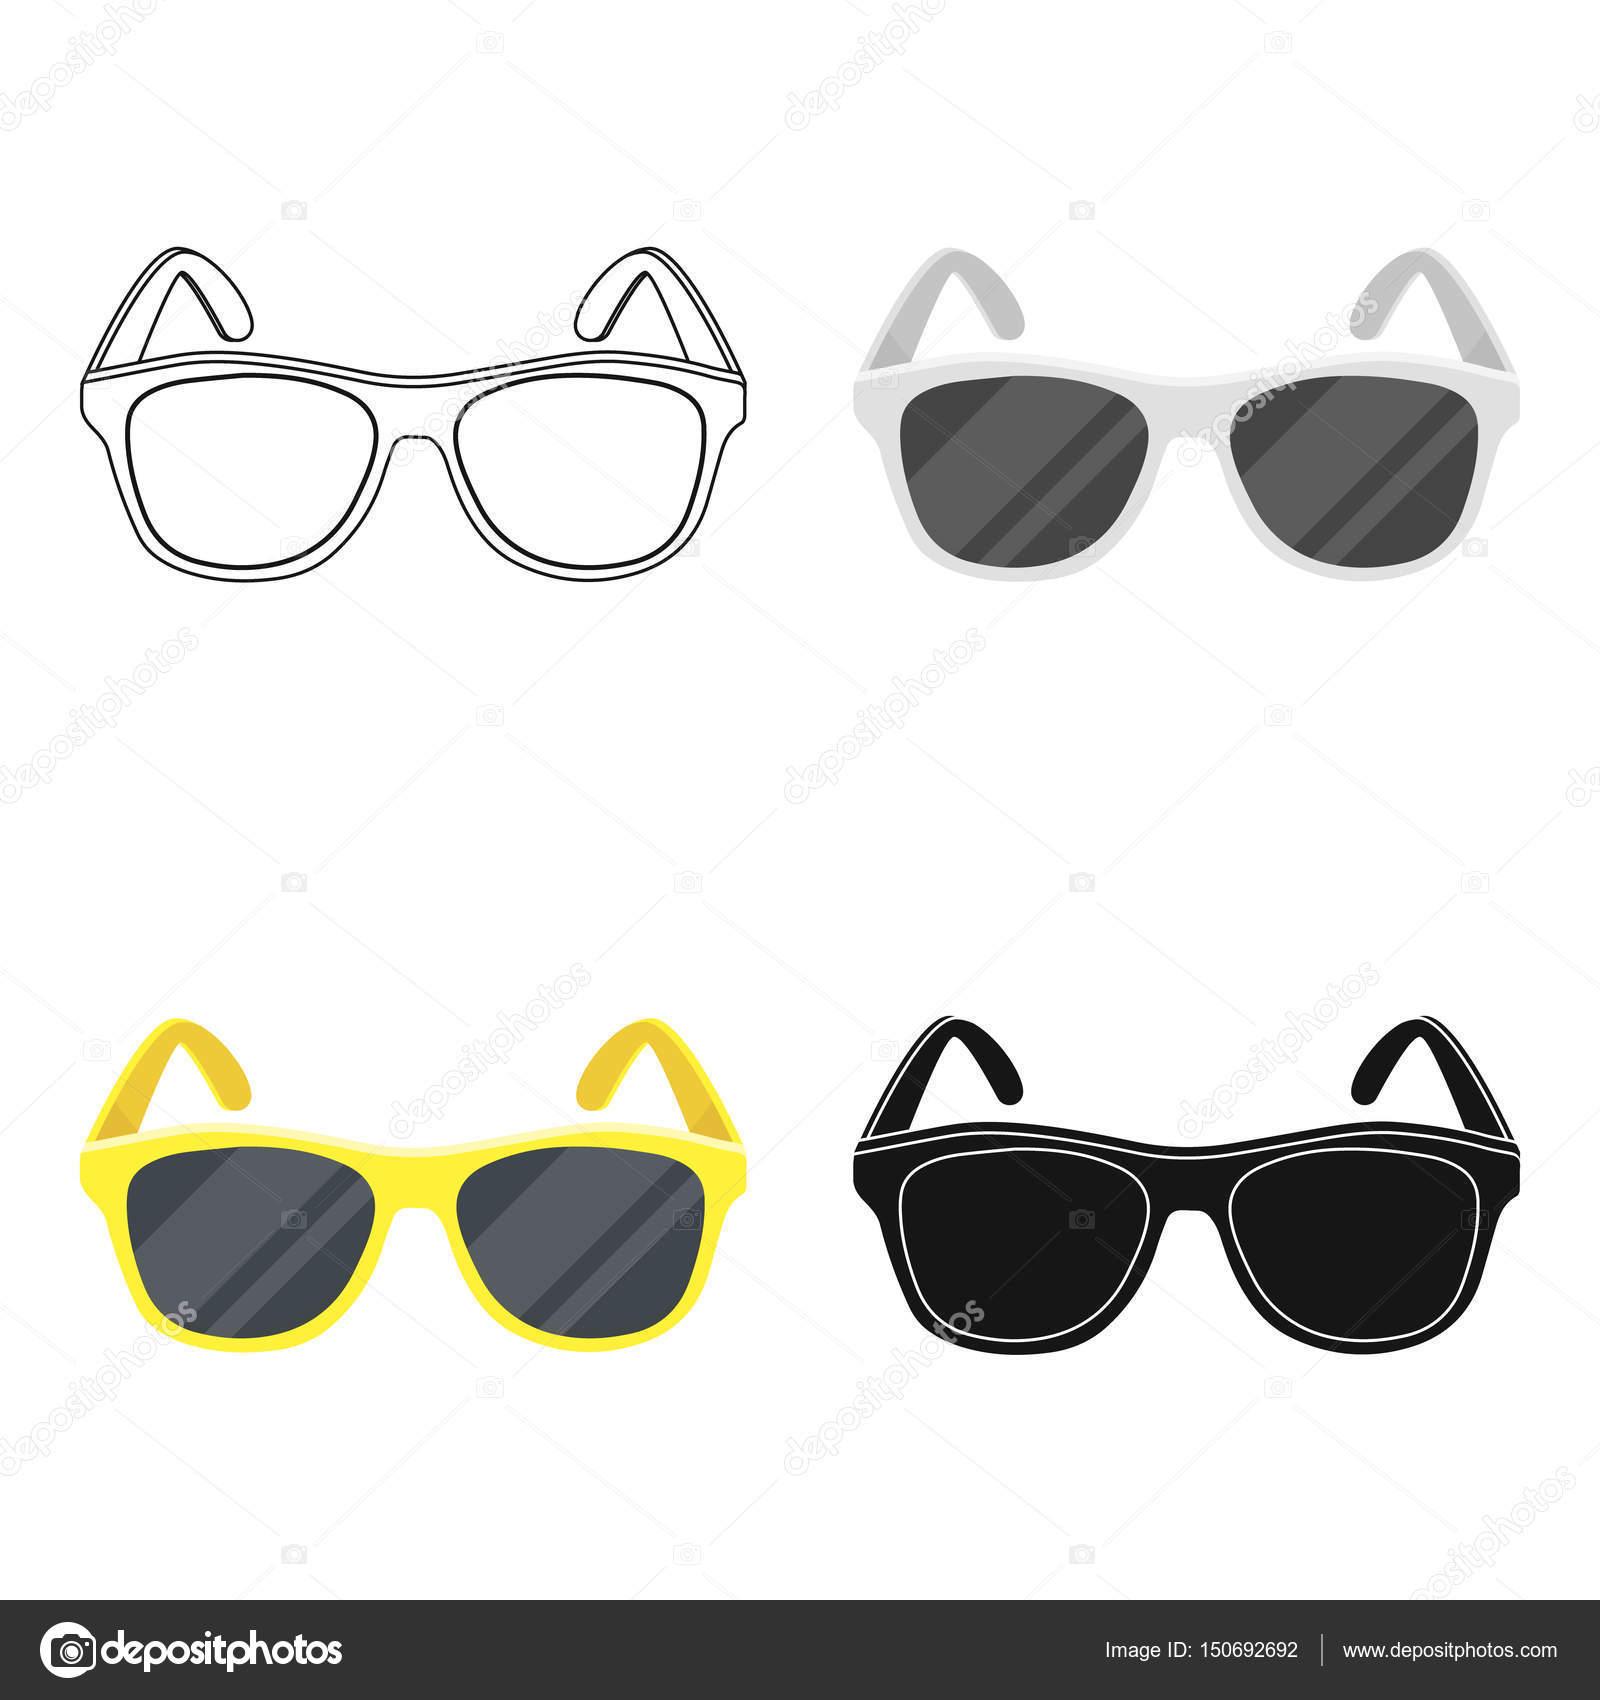 Dessin Lunettes De Soleil icône jaune lunettes de soleil dernier cri dans le style de dessin